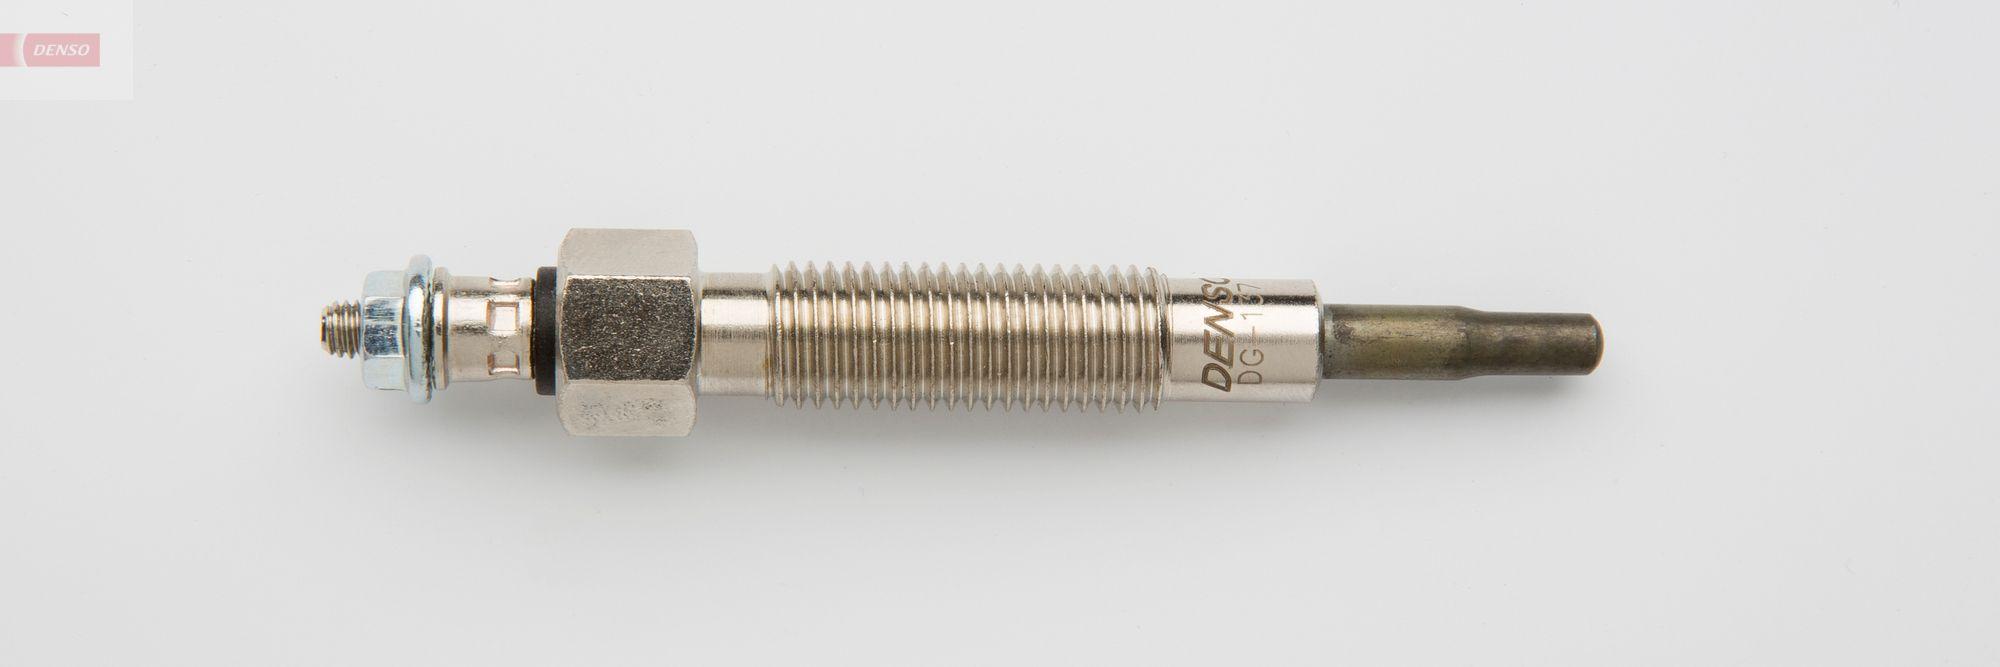 NISSAN TRADE 2000 Zündanlage & Glühanlage - Original DENSO DG-137 Länge über Alles: 85mm, Gewindemaß: M10x1.25